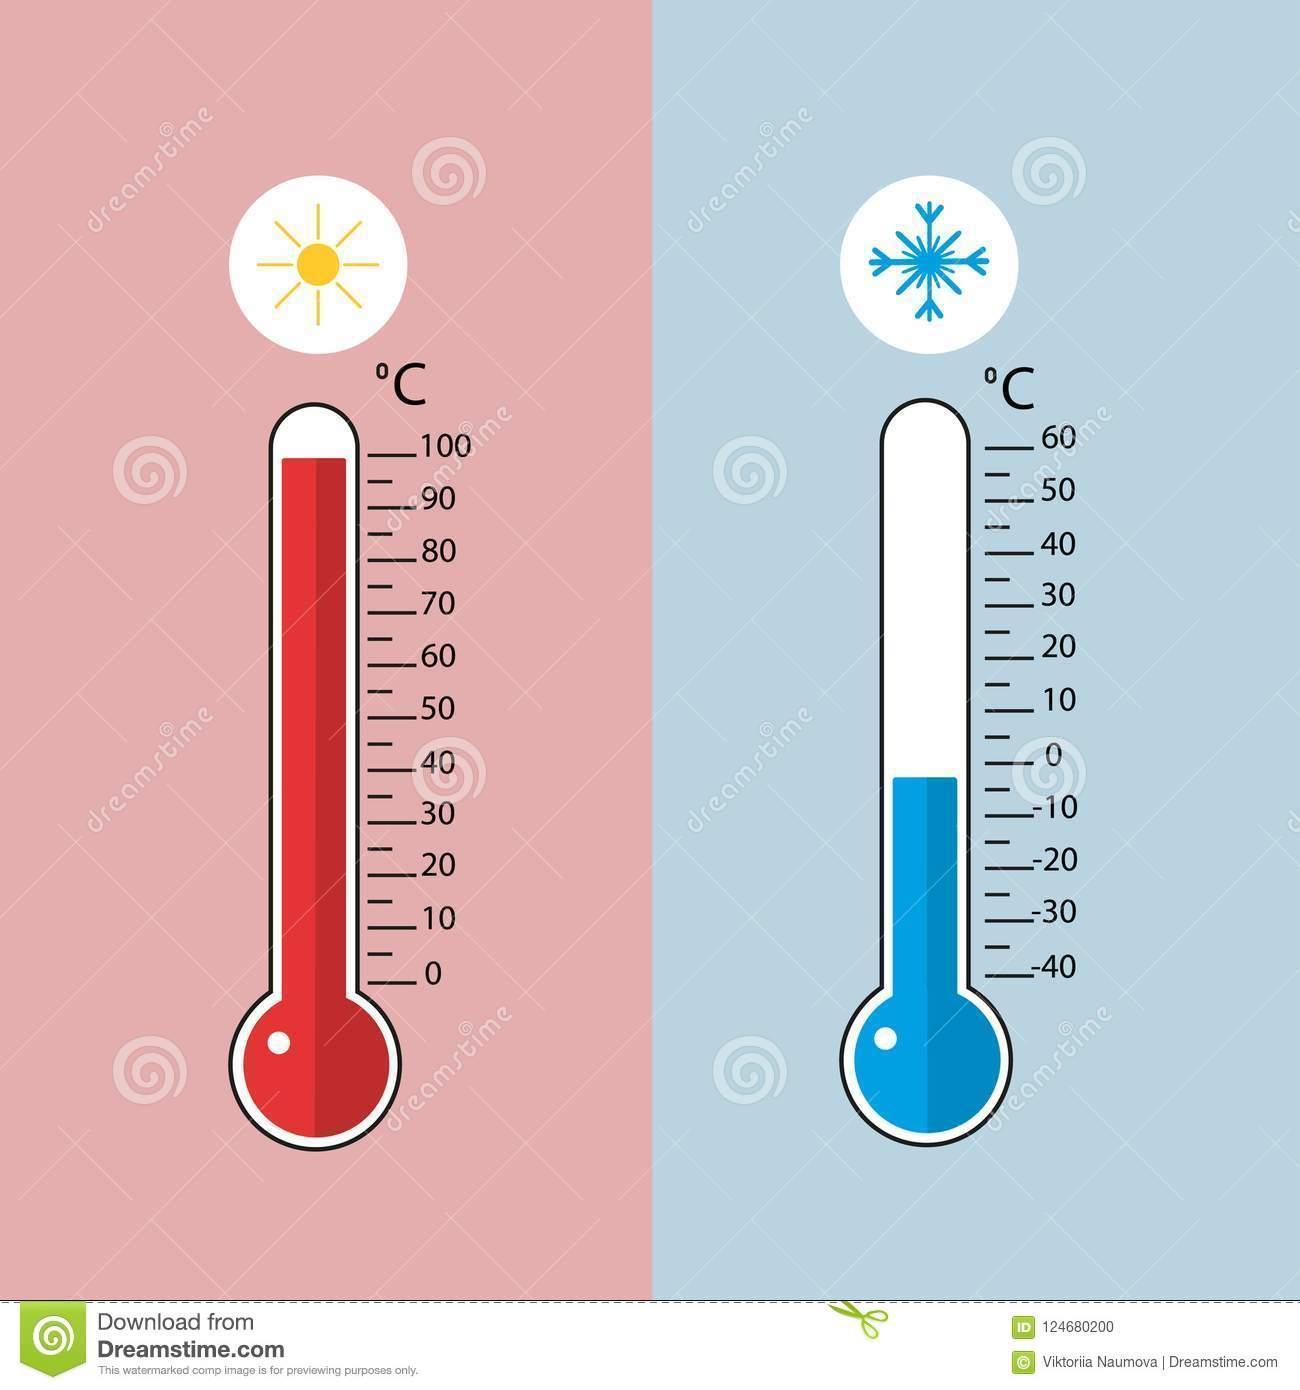 Por Favor Necesito Ayuda Para Hoy Es Dibujar Un Termometro Que Tenga 5 Temperatura Sobre El 0 Y 5 Brainly Lat En primer lugar vamos a proceder a determinar el origen etimológico del término termómetro que ahora nos ocupa. brainly lat